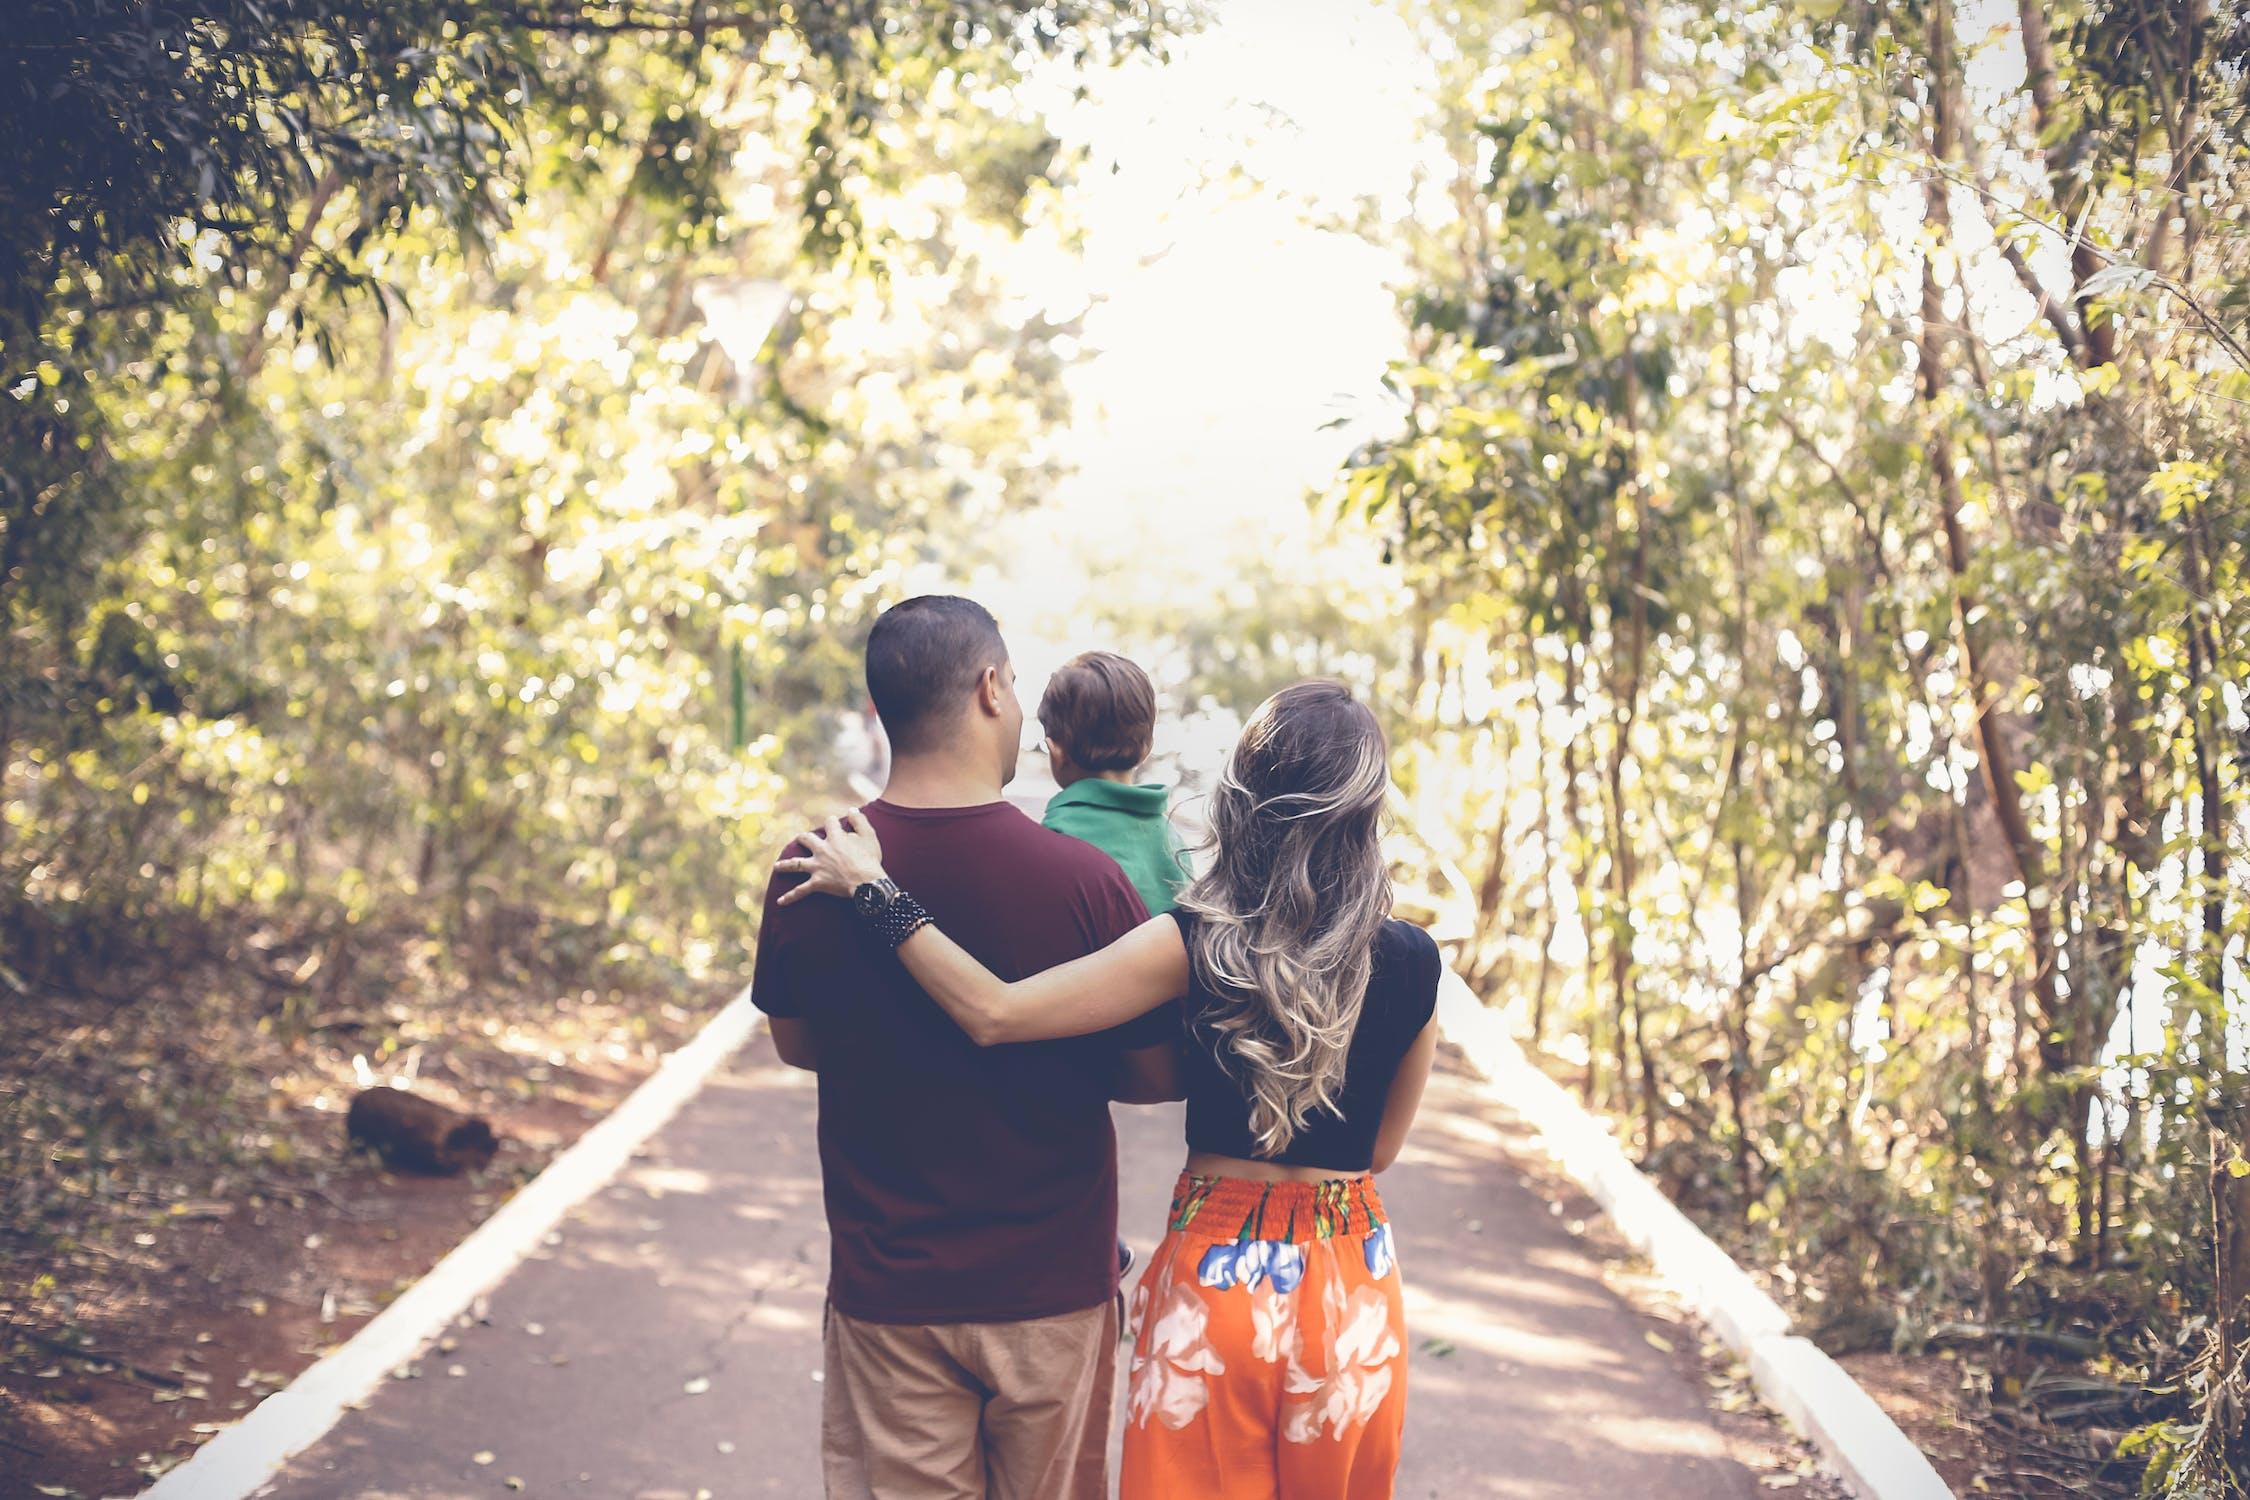 Family walking in park Photo by Vidal Balielo Jr. from Pexels